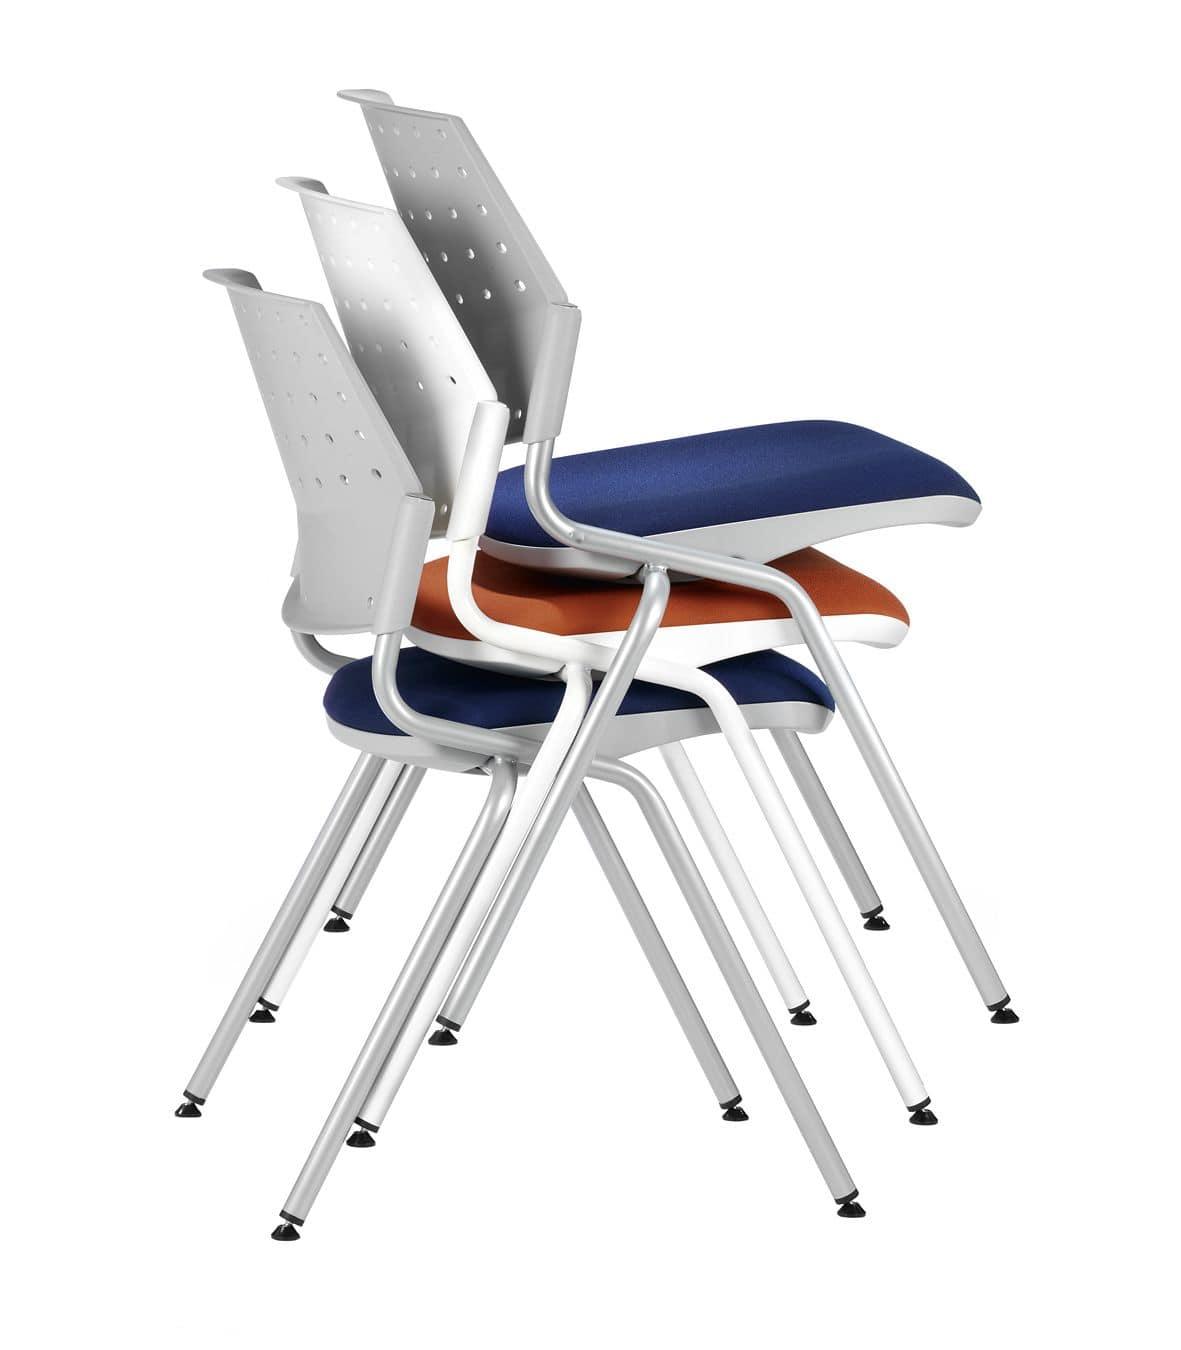 Sedia ufficio impilabile con seduta imbottita idfdesign for Amazon sedie ufficio